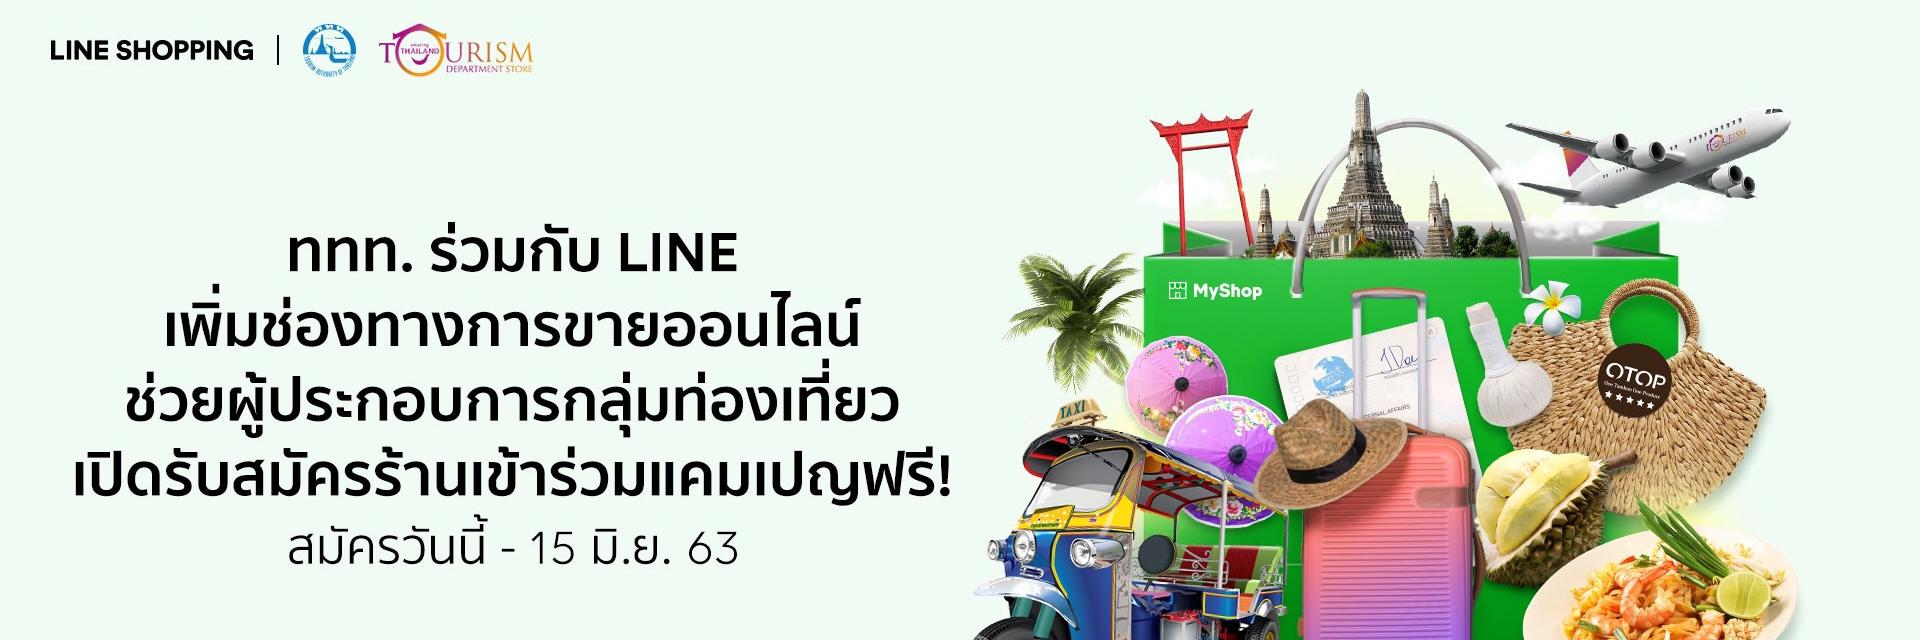 ห้าง ททท. ช้อปฟินกินเที่ยวทั่วไทย